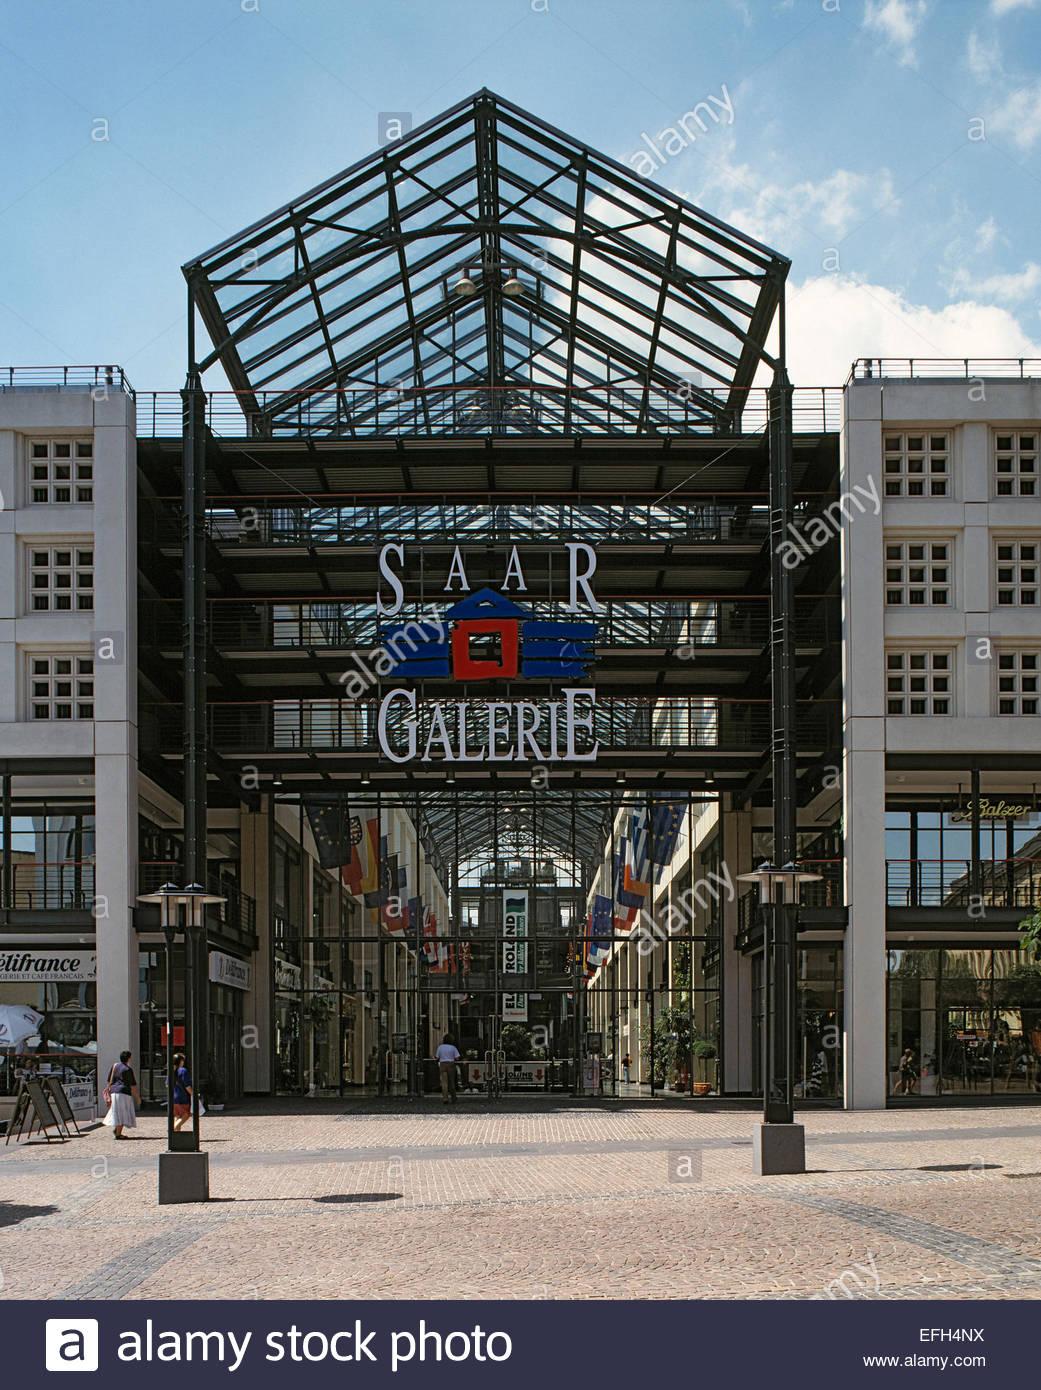 D-Saarbruecken, Saar, Saarland, SaarGalerie, heute Europa-Galerie Saarbruecken, Einkaufszentrum, D-Saarbruecken, Stock Photo